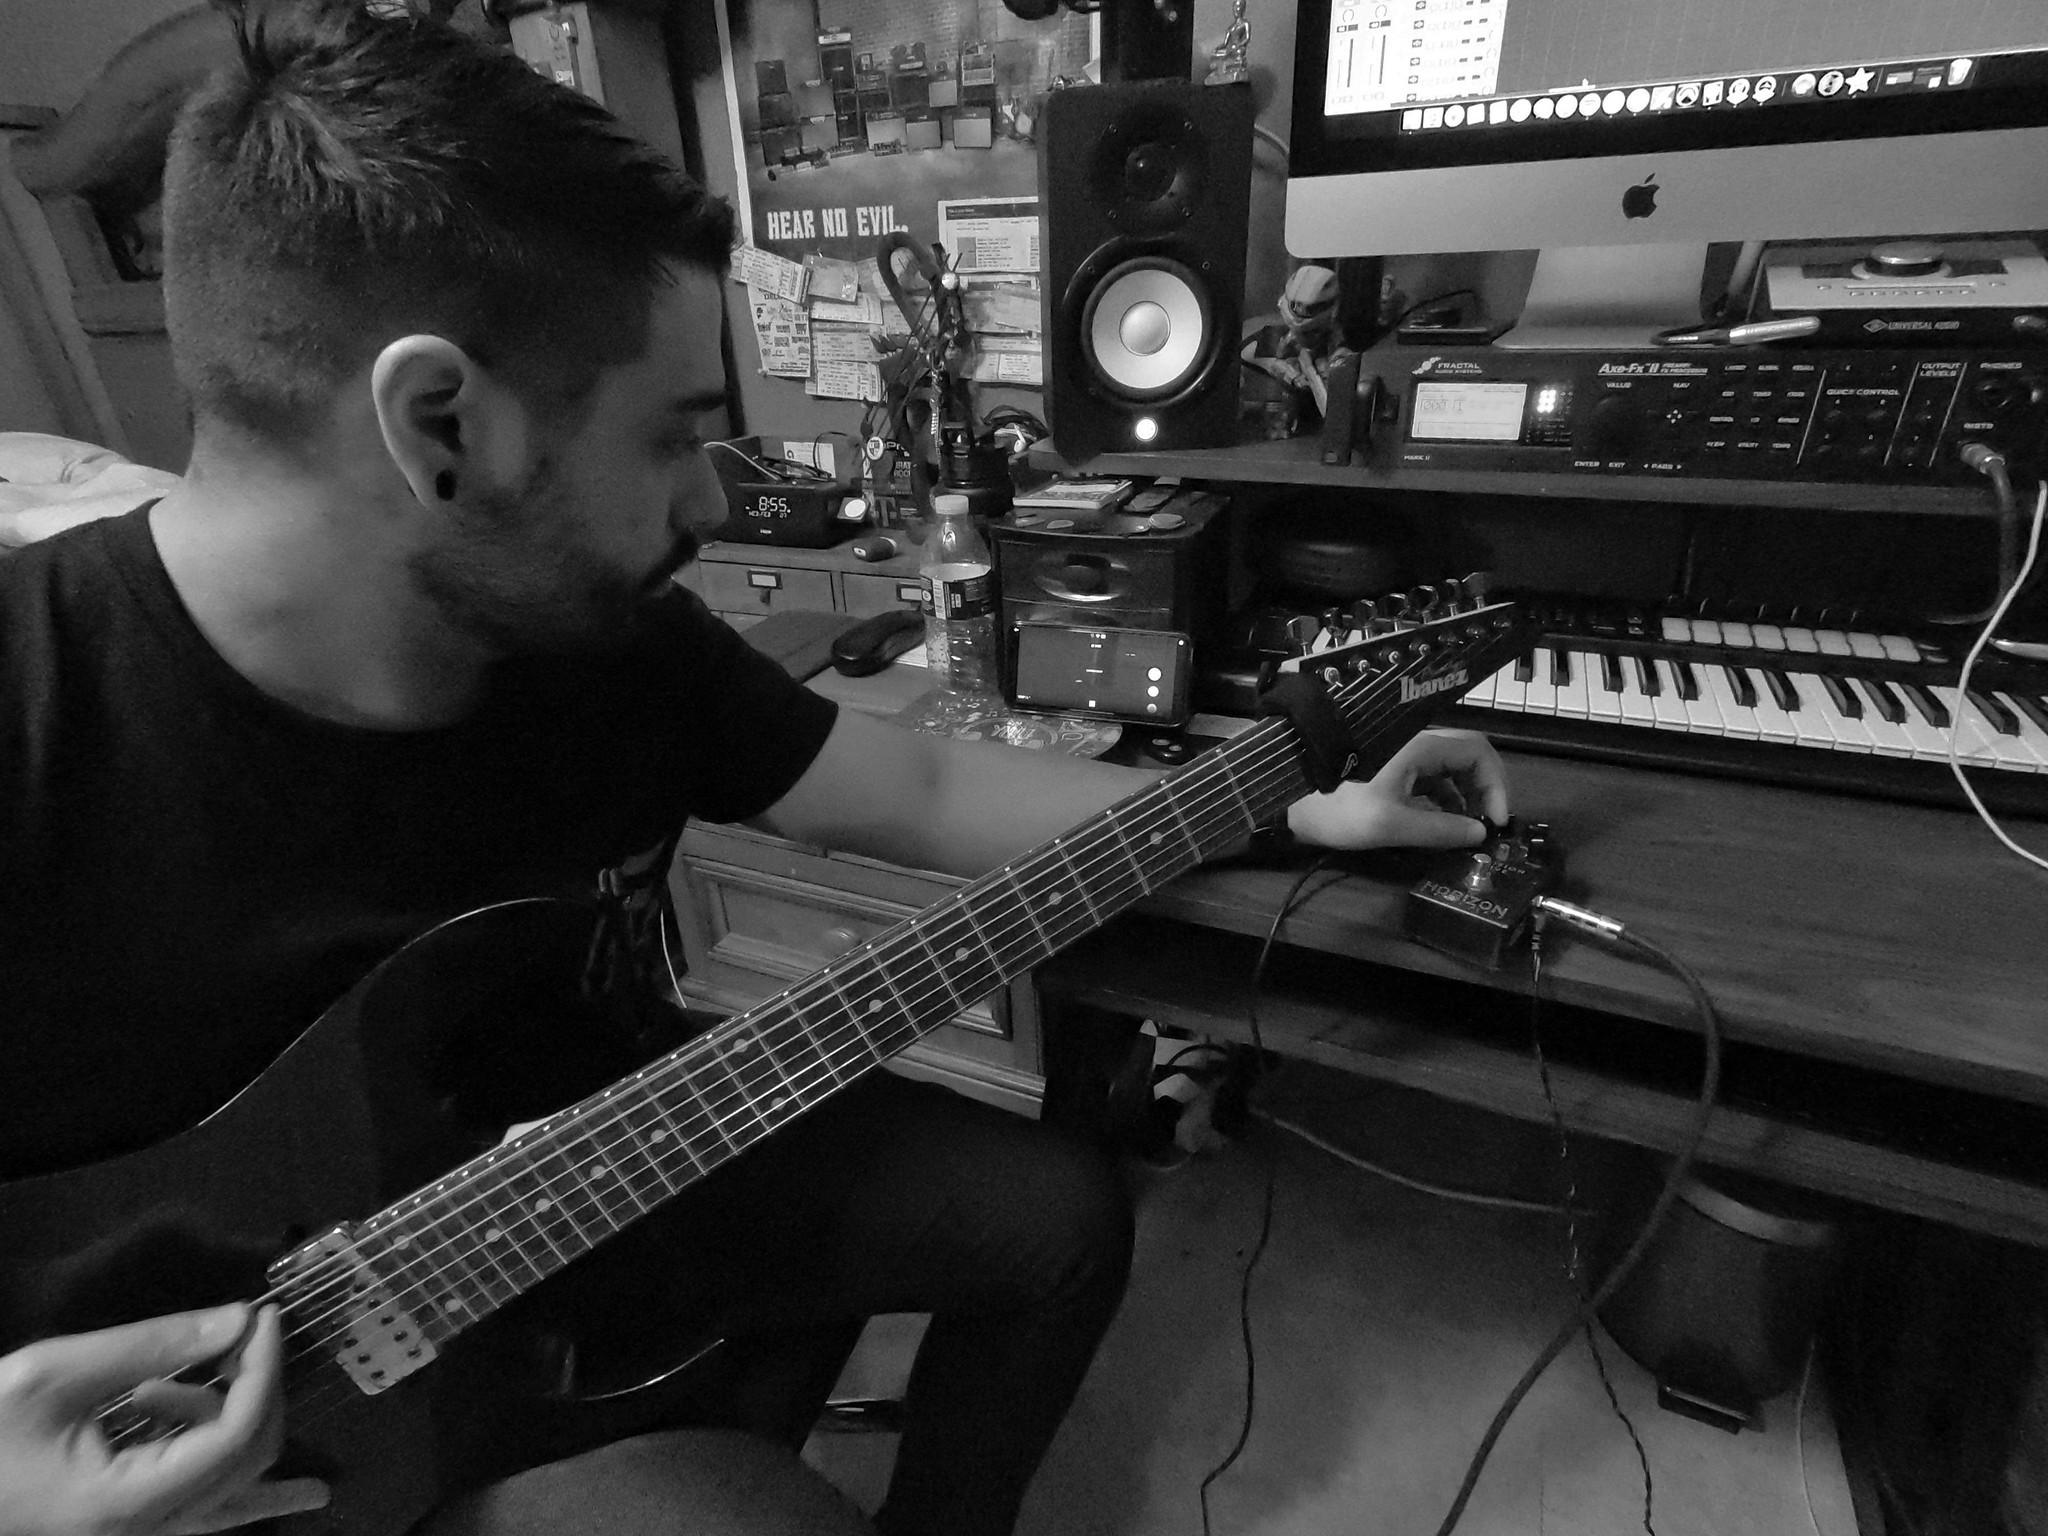 acaedia_guitarist_javier_sardinas_horizon_devices_precision_drive